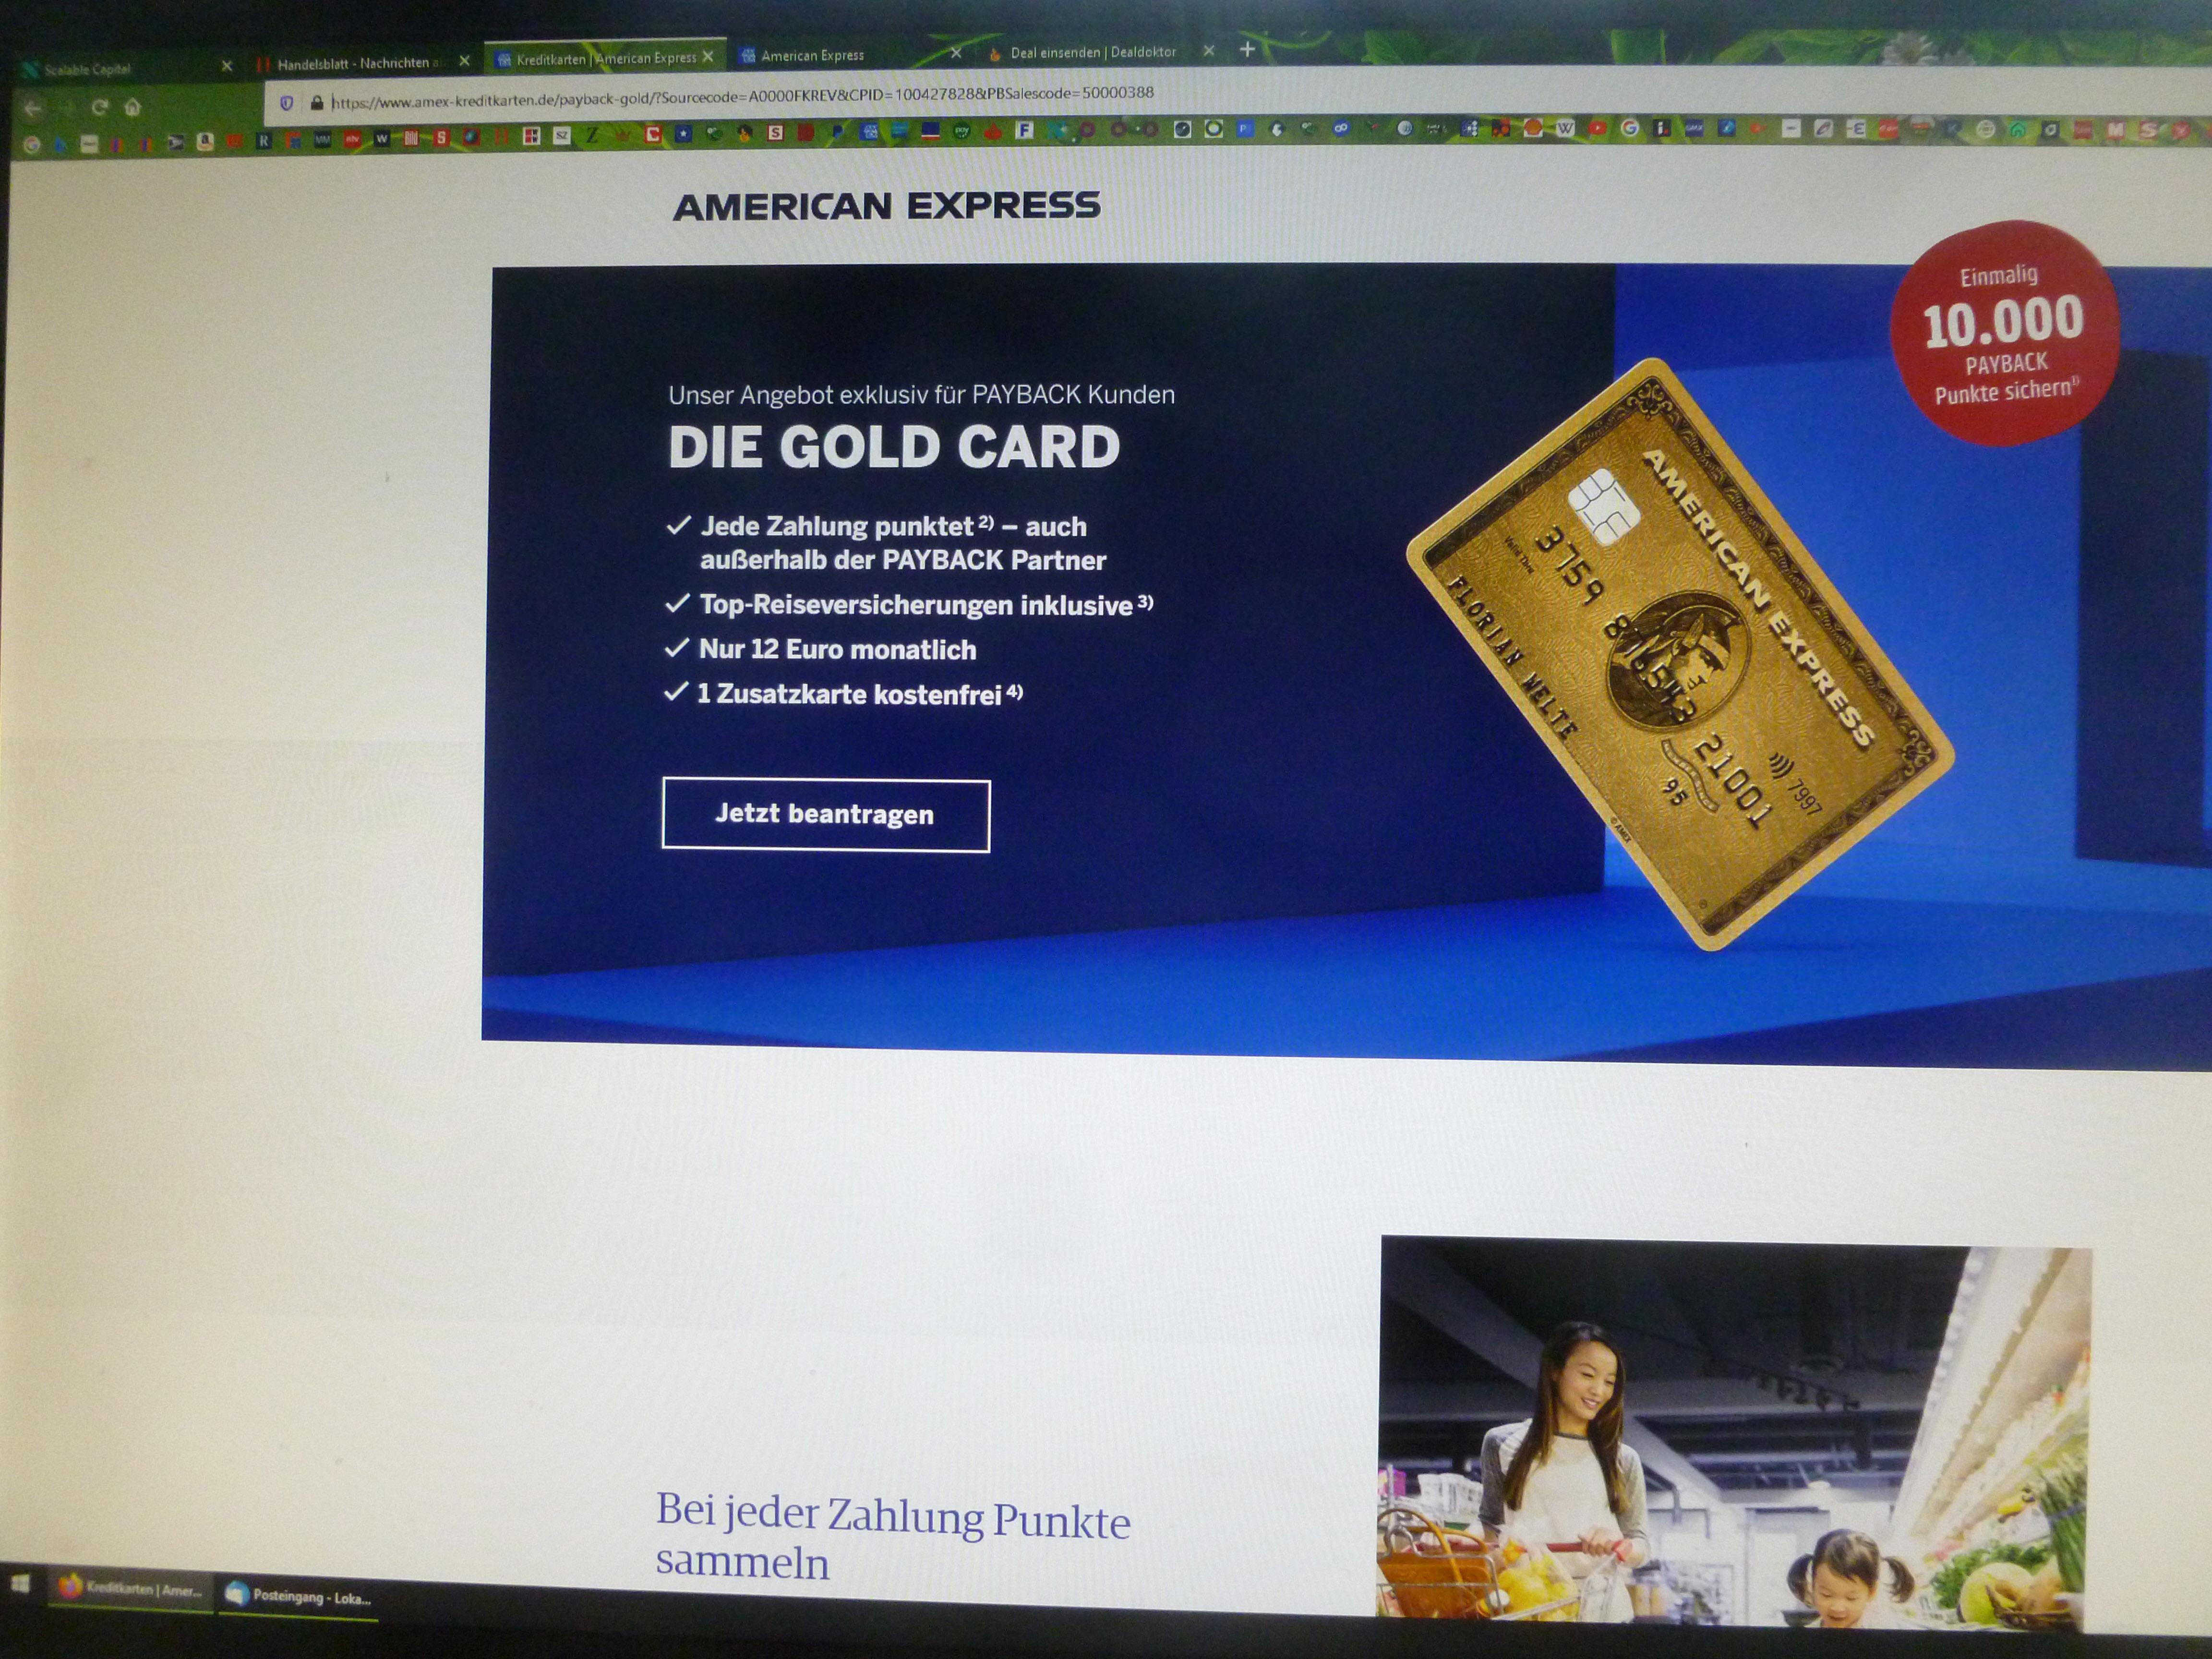 10.000 Paybackpunkte für American Express Goldkarte